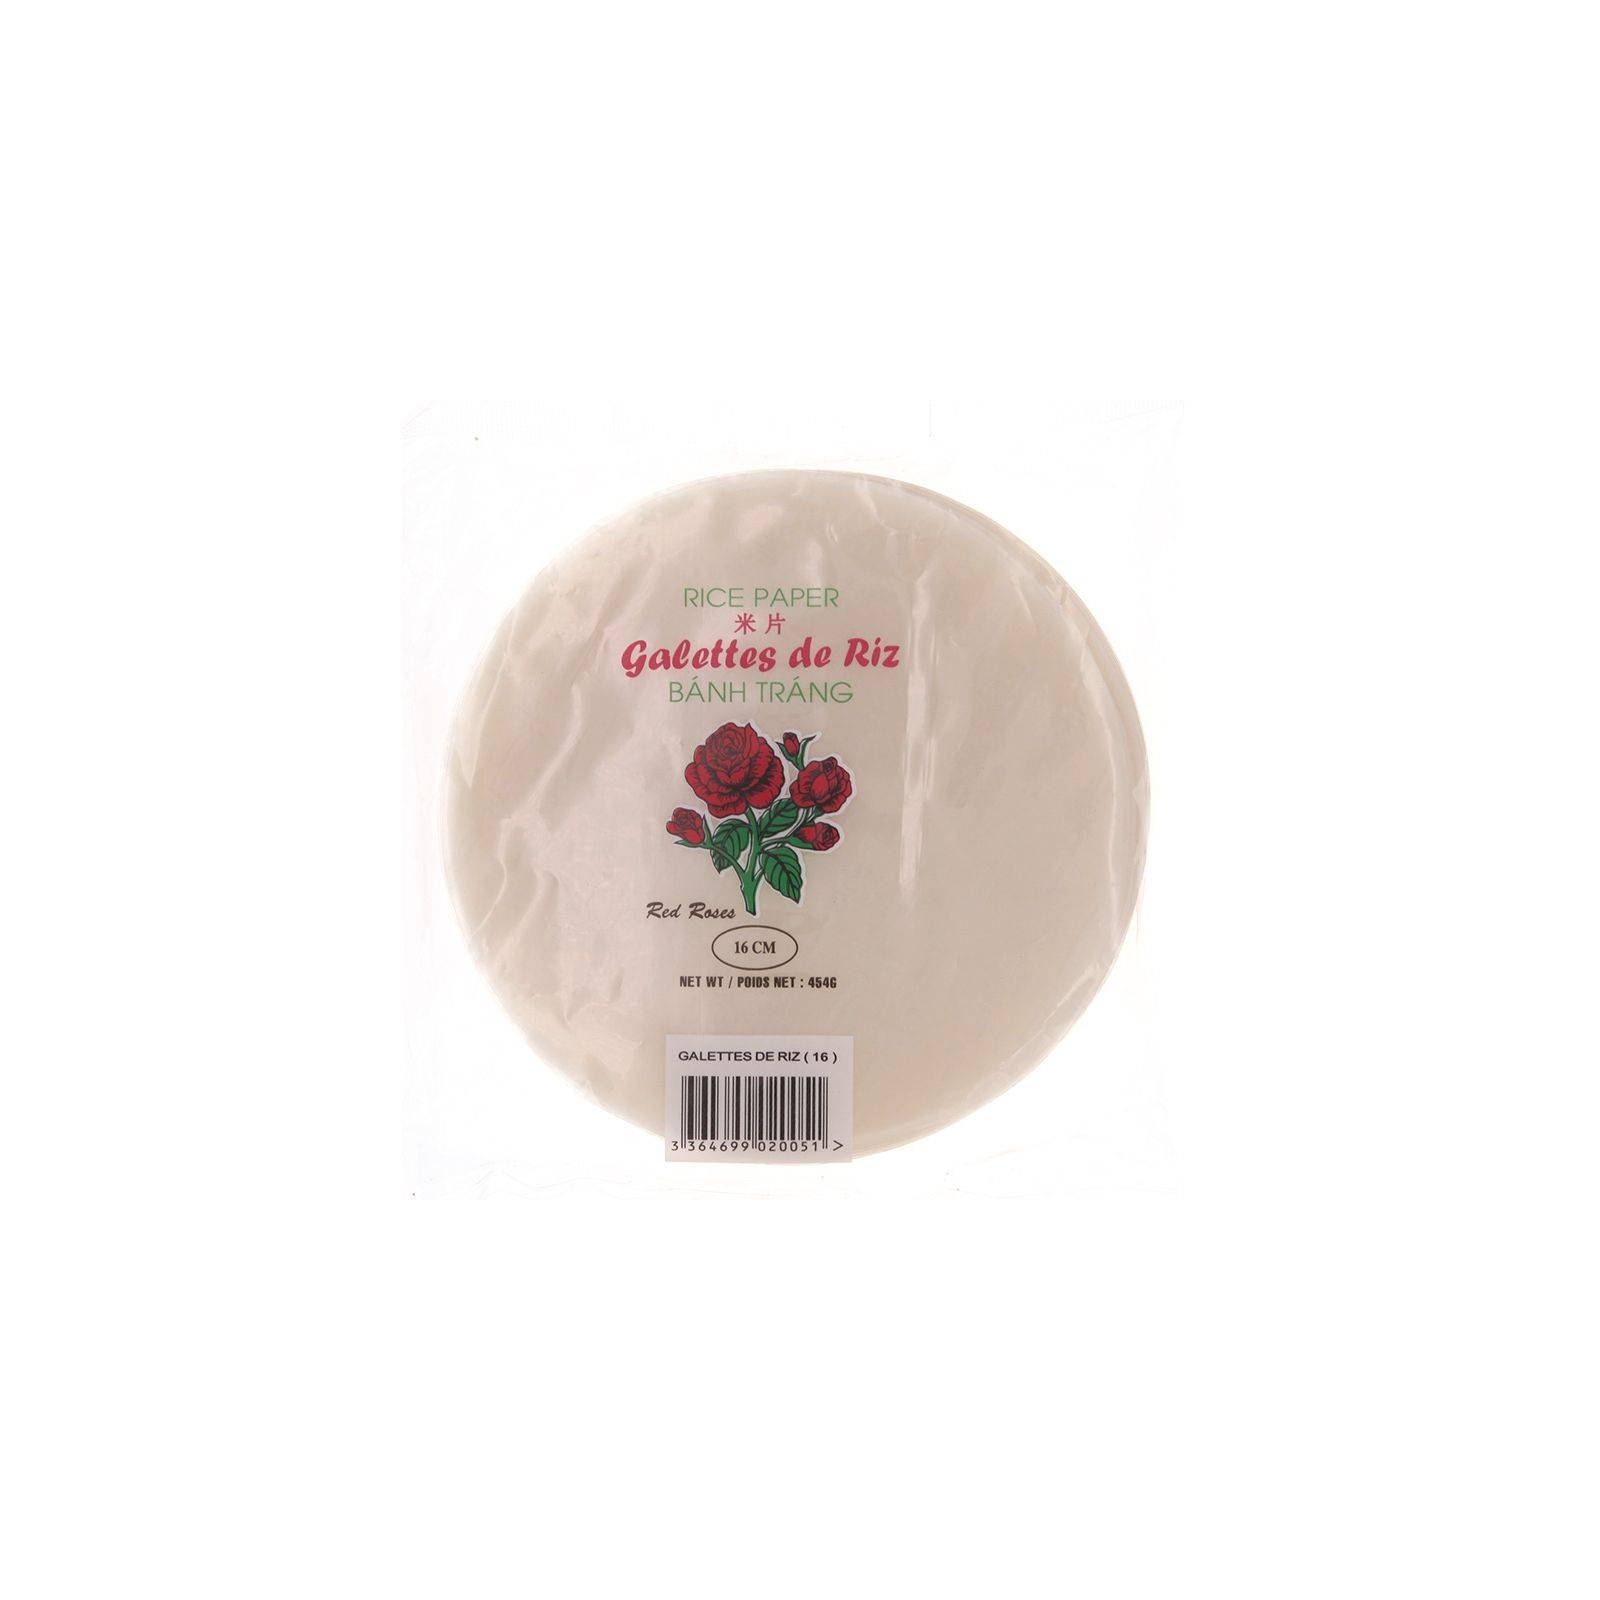 Asia Marché Galettes, Feuilles de riz Red Roses 454g 22cm